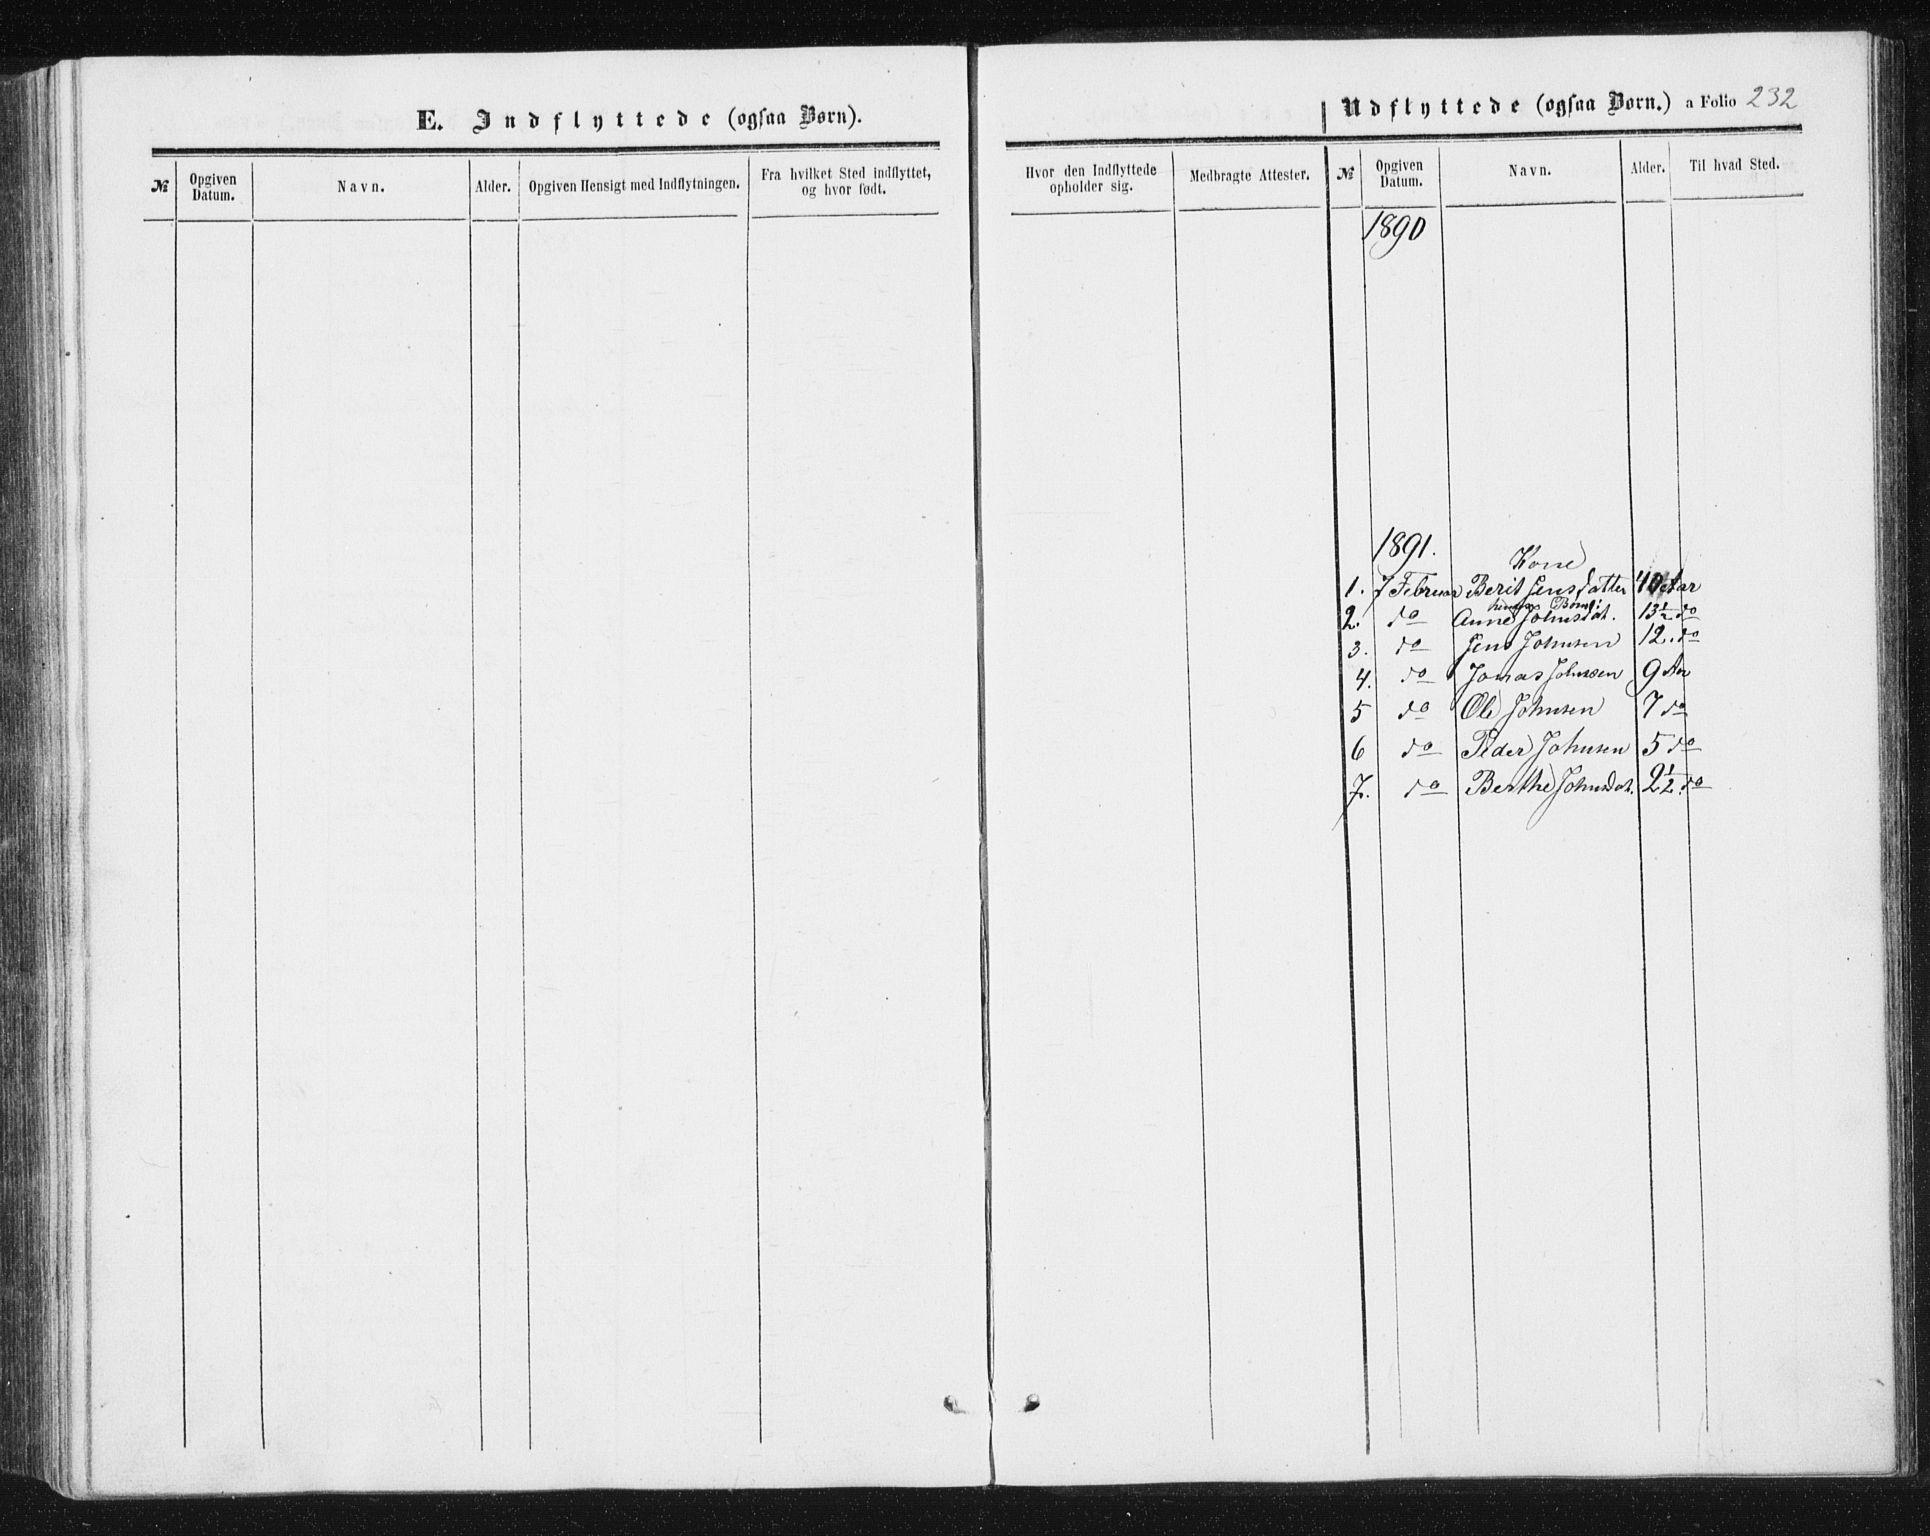 SAT, Ministerialprotokoller, klokkerbøker og fødselsregistre - Sør-Trøndelag, 698/L1166: Klokkerbok nr. 698C03, 1861-1887, s. 232